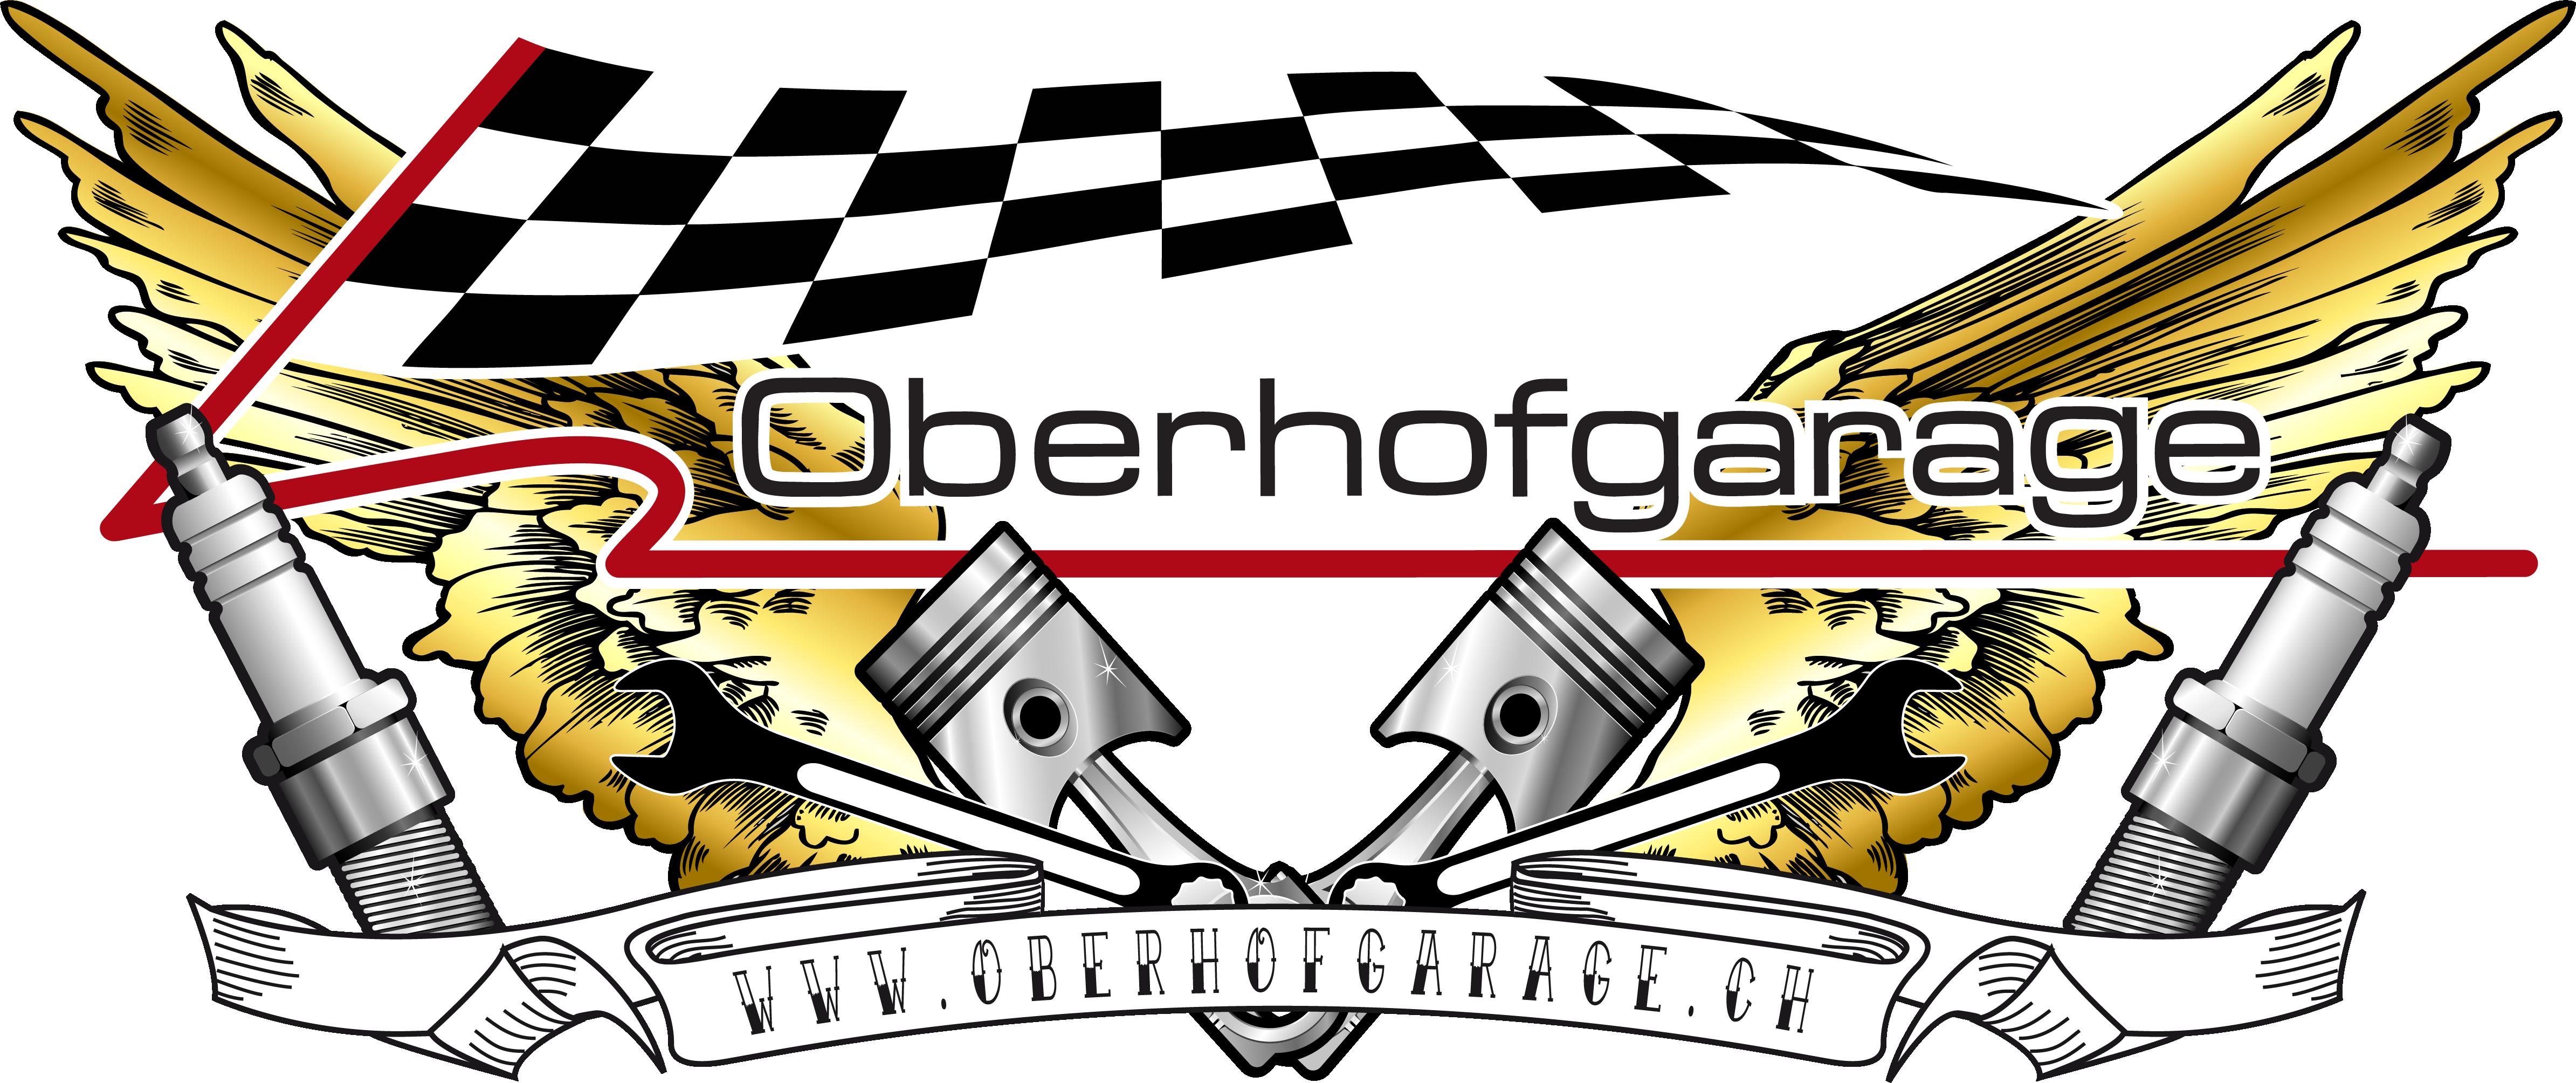 Oberhofgarage Fischenthal GmbH